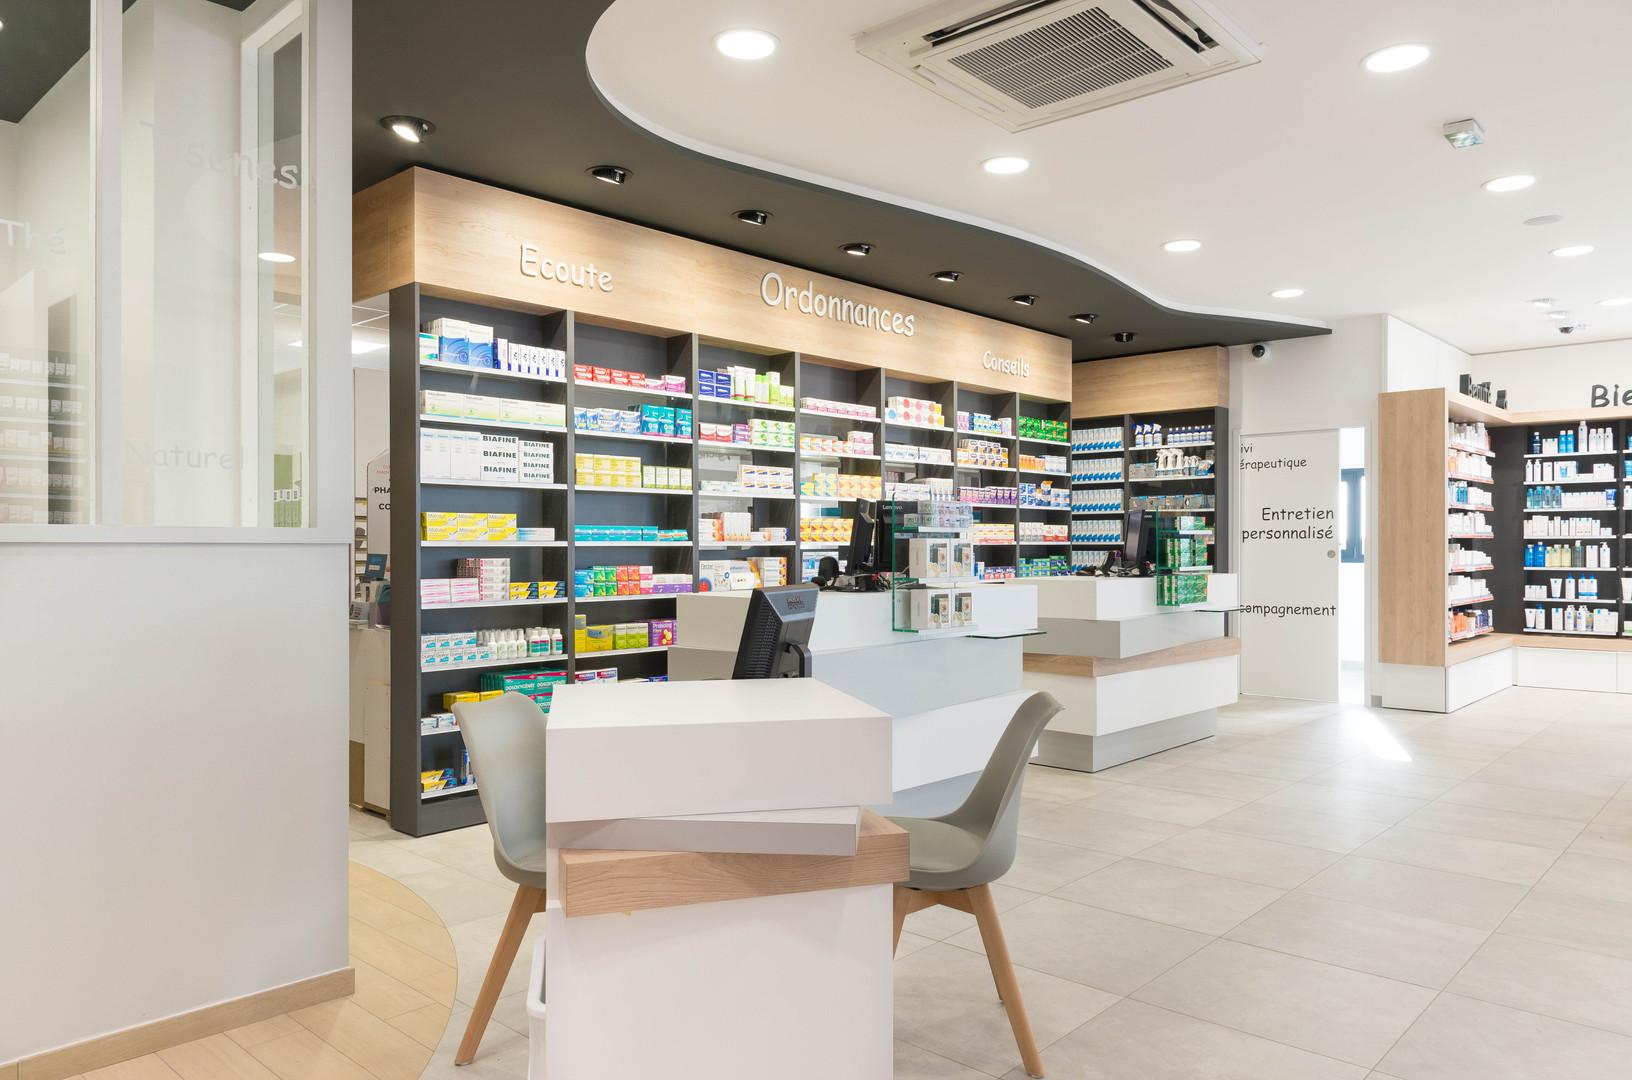 Interieur d'une officine de pharmacie